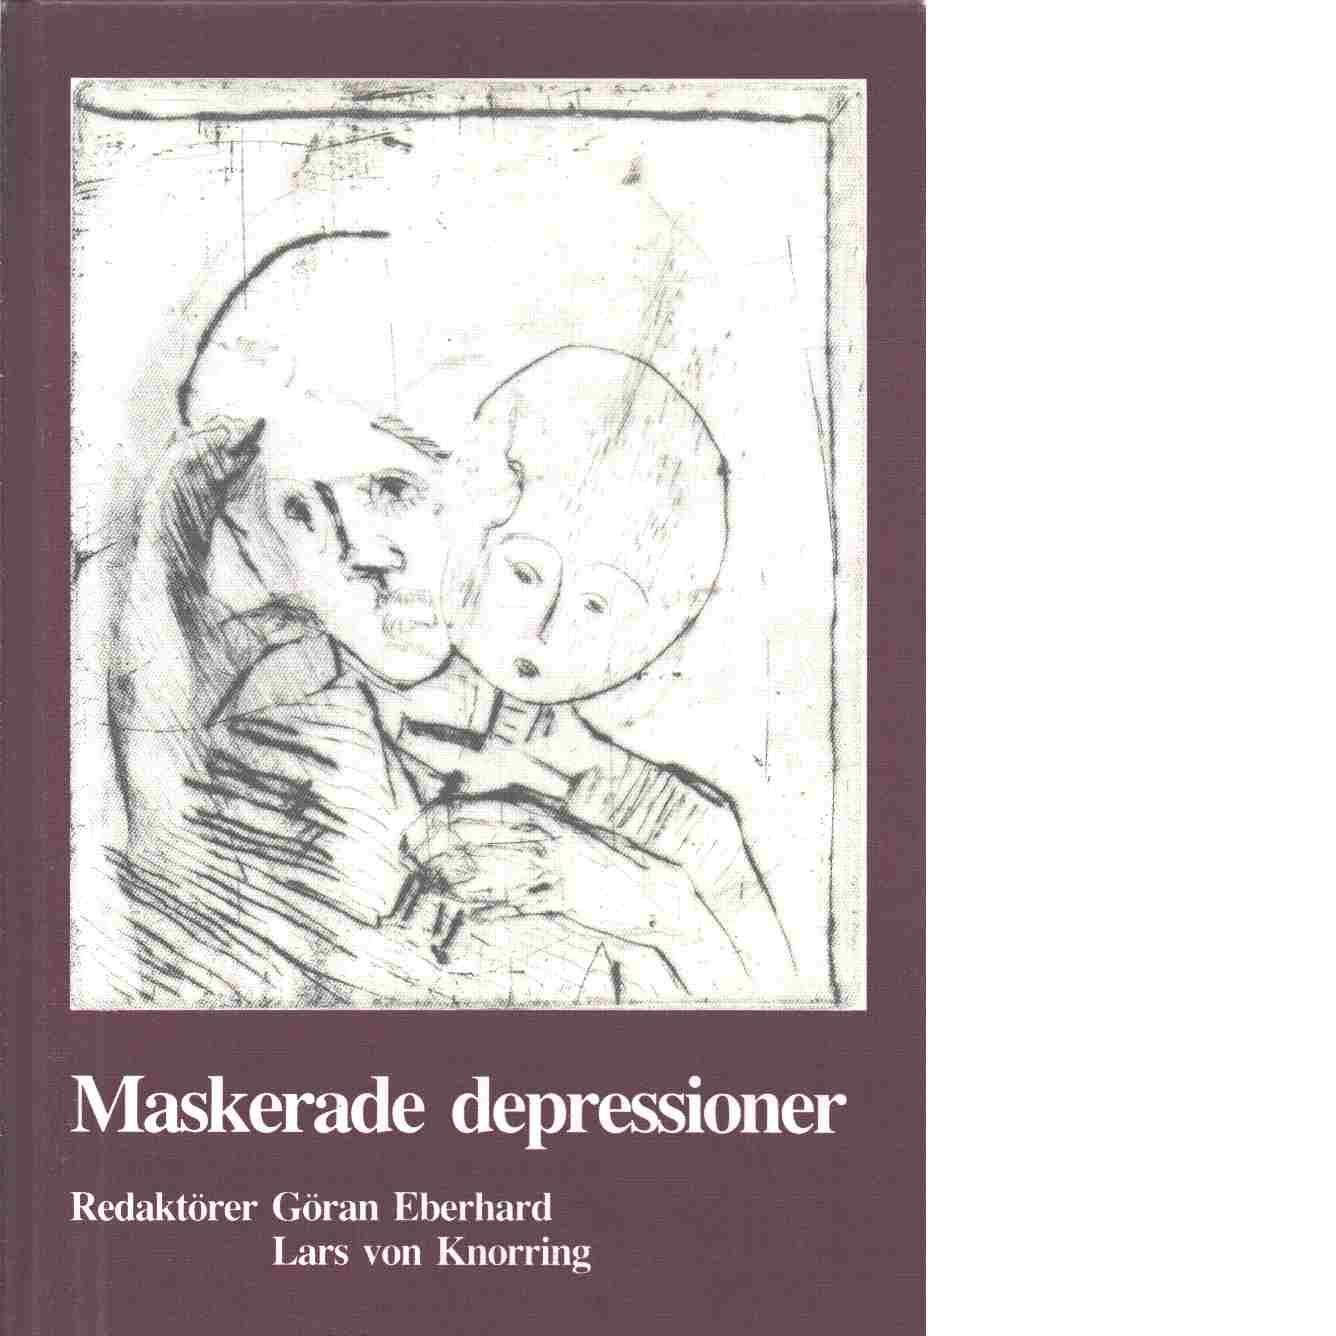 Maskerade depressioner - Red. Eberhard, Göran och Knorring, von Lars